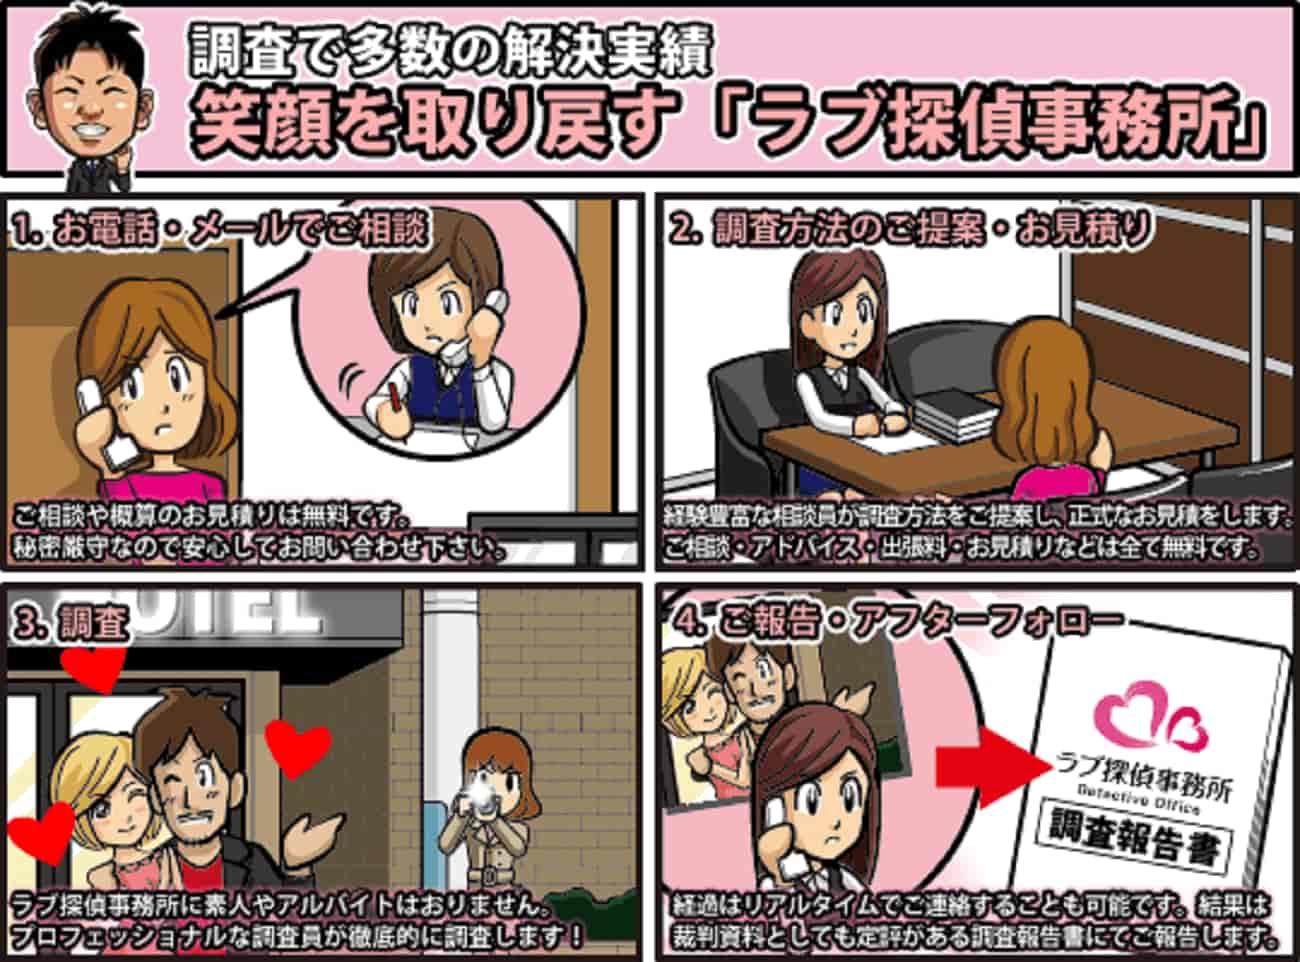 ラブ探偵事務所は千葉県富里市の相談お見積り無料